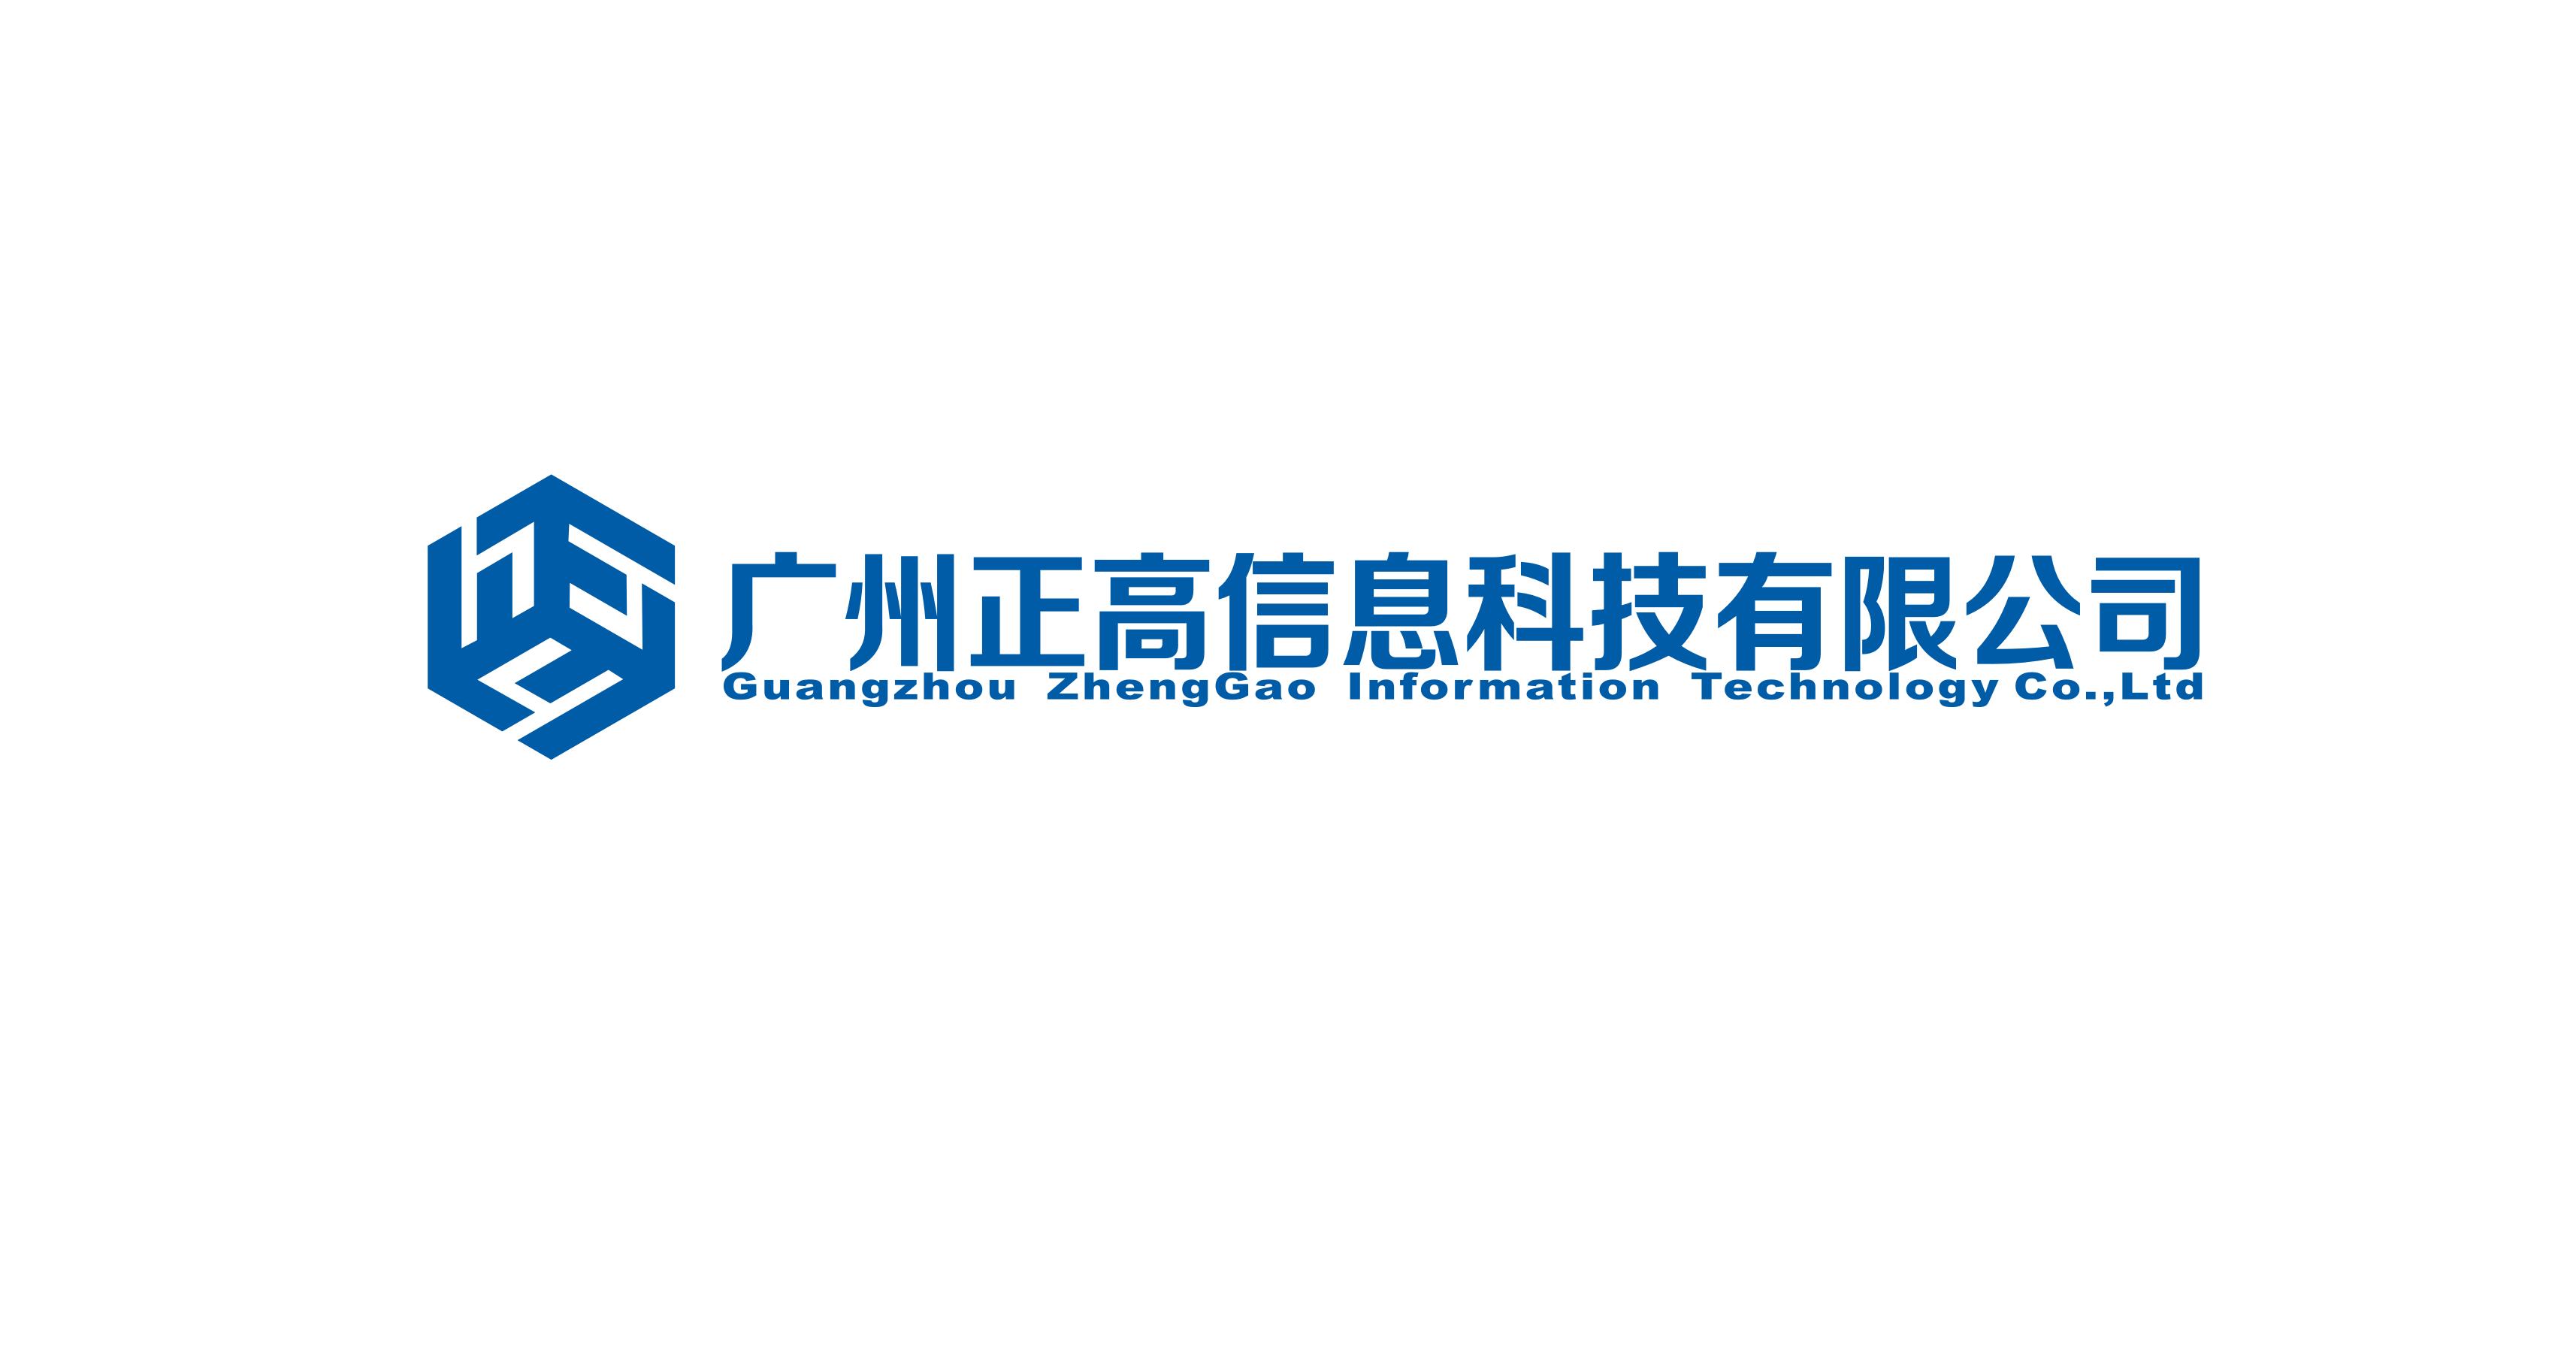 广州正高信息科技有限公司